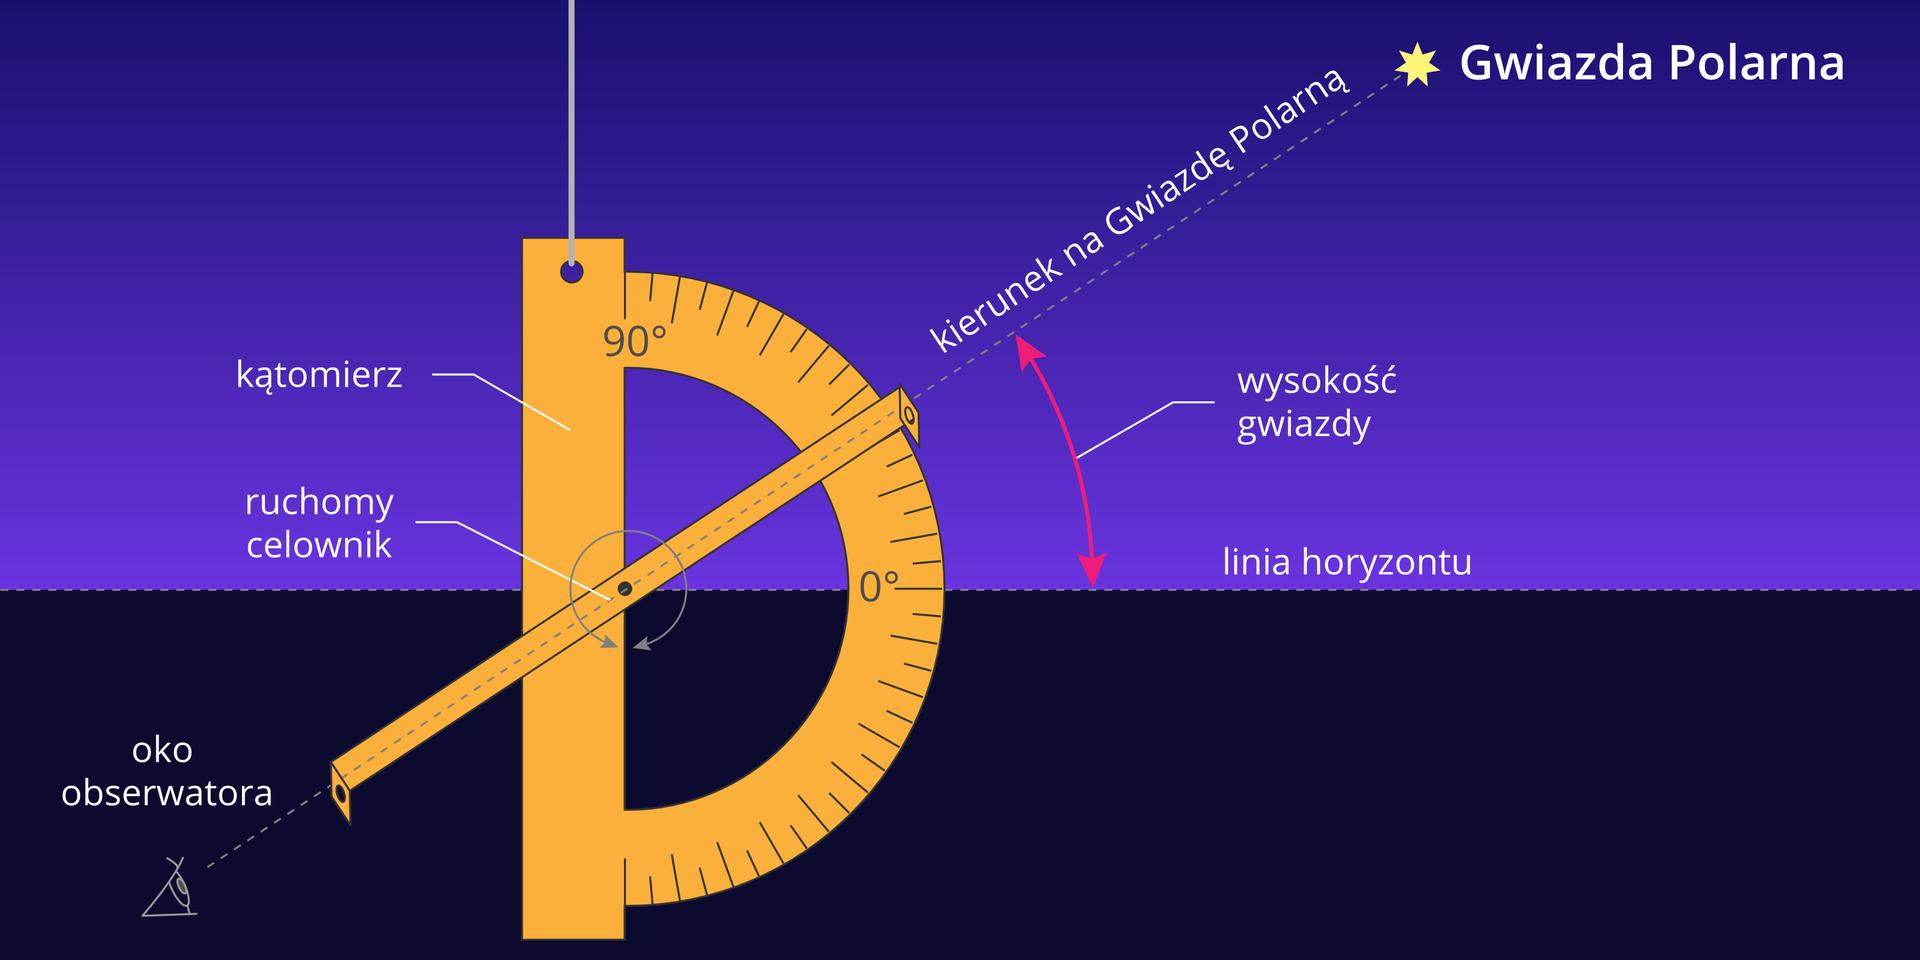 Ilustracja przedstawia kątomierz zawieszony na sznurku. Podzielona jest poziomo na dwie równe części. Górna część jest niebieska, dolna – czarna. Linia dzieląca ilustrację na dwie równe części to linia horyzontu. Na środku ilustracji znajduje się duży żółty kątomierz, zawieszony tak, że jego podstawa umieszczona jest pionowo po lewej stronie, apółkole zpodziałką kątową po prawej. Punkt zerowy kątomierza pokrywa się zpoziomą linią horyzontu dzielącą ilustrację. Punkt zerowy jest na szczycie półkola zpodziałką kątową, aprzy podstawie skierowanej ku górze umieszczono wartość 90°. Dokładnie wpołowie podstawy kątomierza zamocowana jest płaska linijka. Na końcach linijki prostopadle do niej doczepiono wizjery – dwie kwadratowe tekturki zotworami wśrodku. Obserwator patrzy zdołu wwizjery jak wcelownik. Ustawia linijkę tak, by drugi koniec był skierowany na Gwiazdę Polarną. Kąt między linią horyzontu austawioną linijką wskazuje wysokość Gwiazdy Polarnej. Podziałka kątowa na kątomierzu wskazuje wysokość gwiazdy.